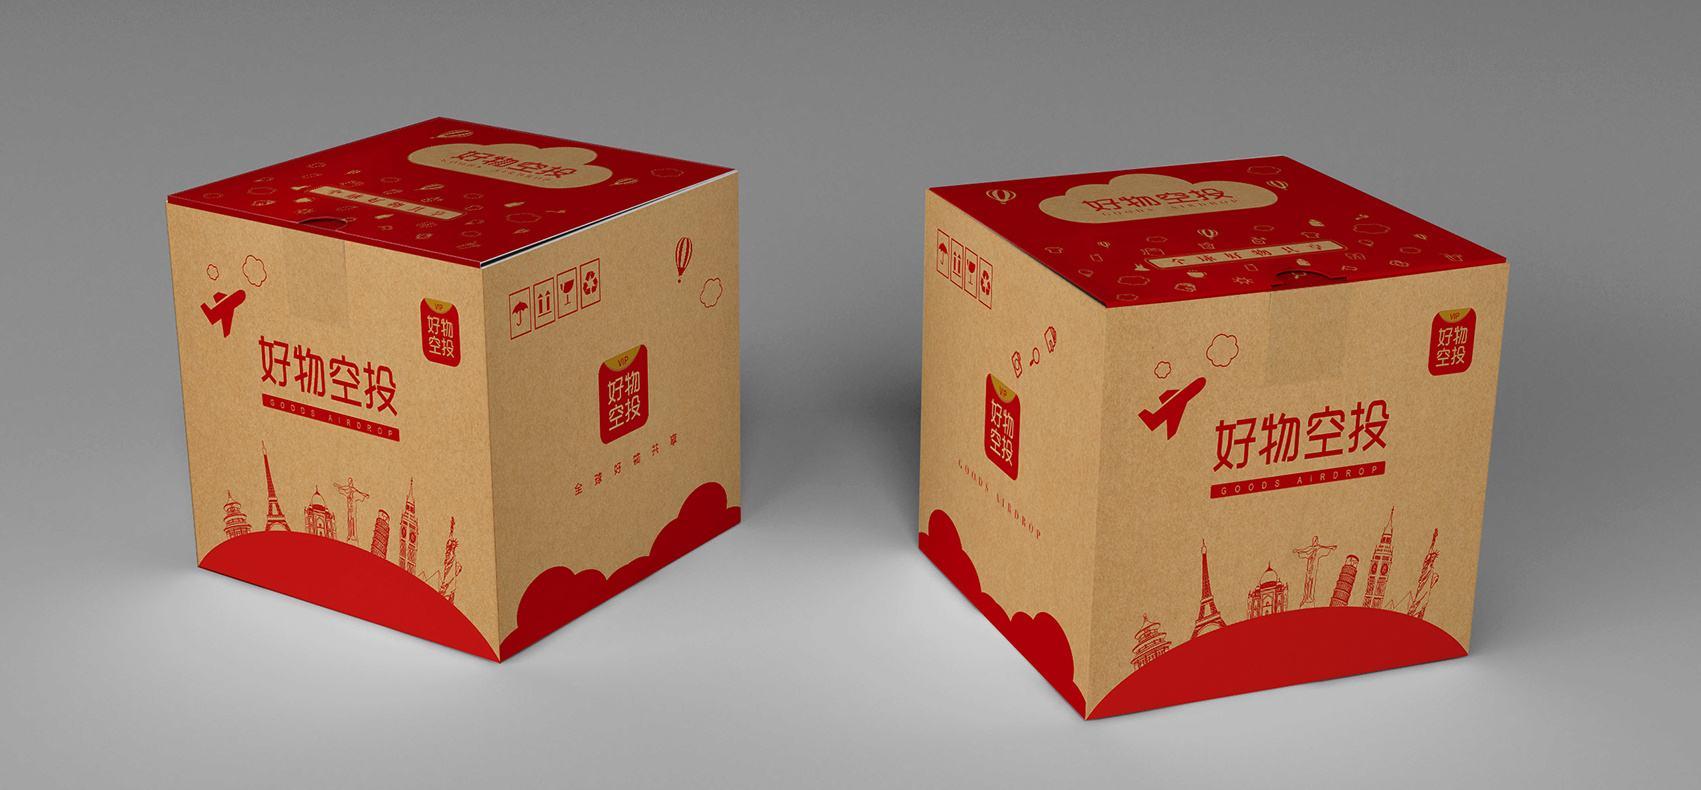 广东牛皮纸箱厂家 佛山牛皮纸箱价格 中山东升牛皮纸箱批发 牛皮纸箱